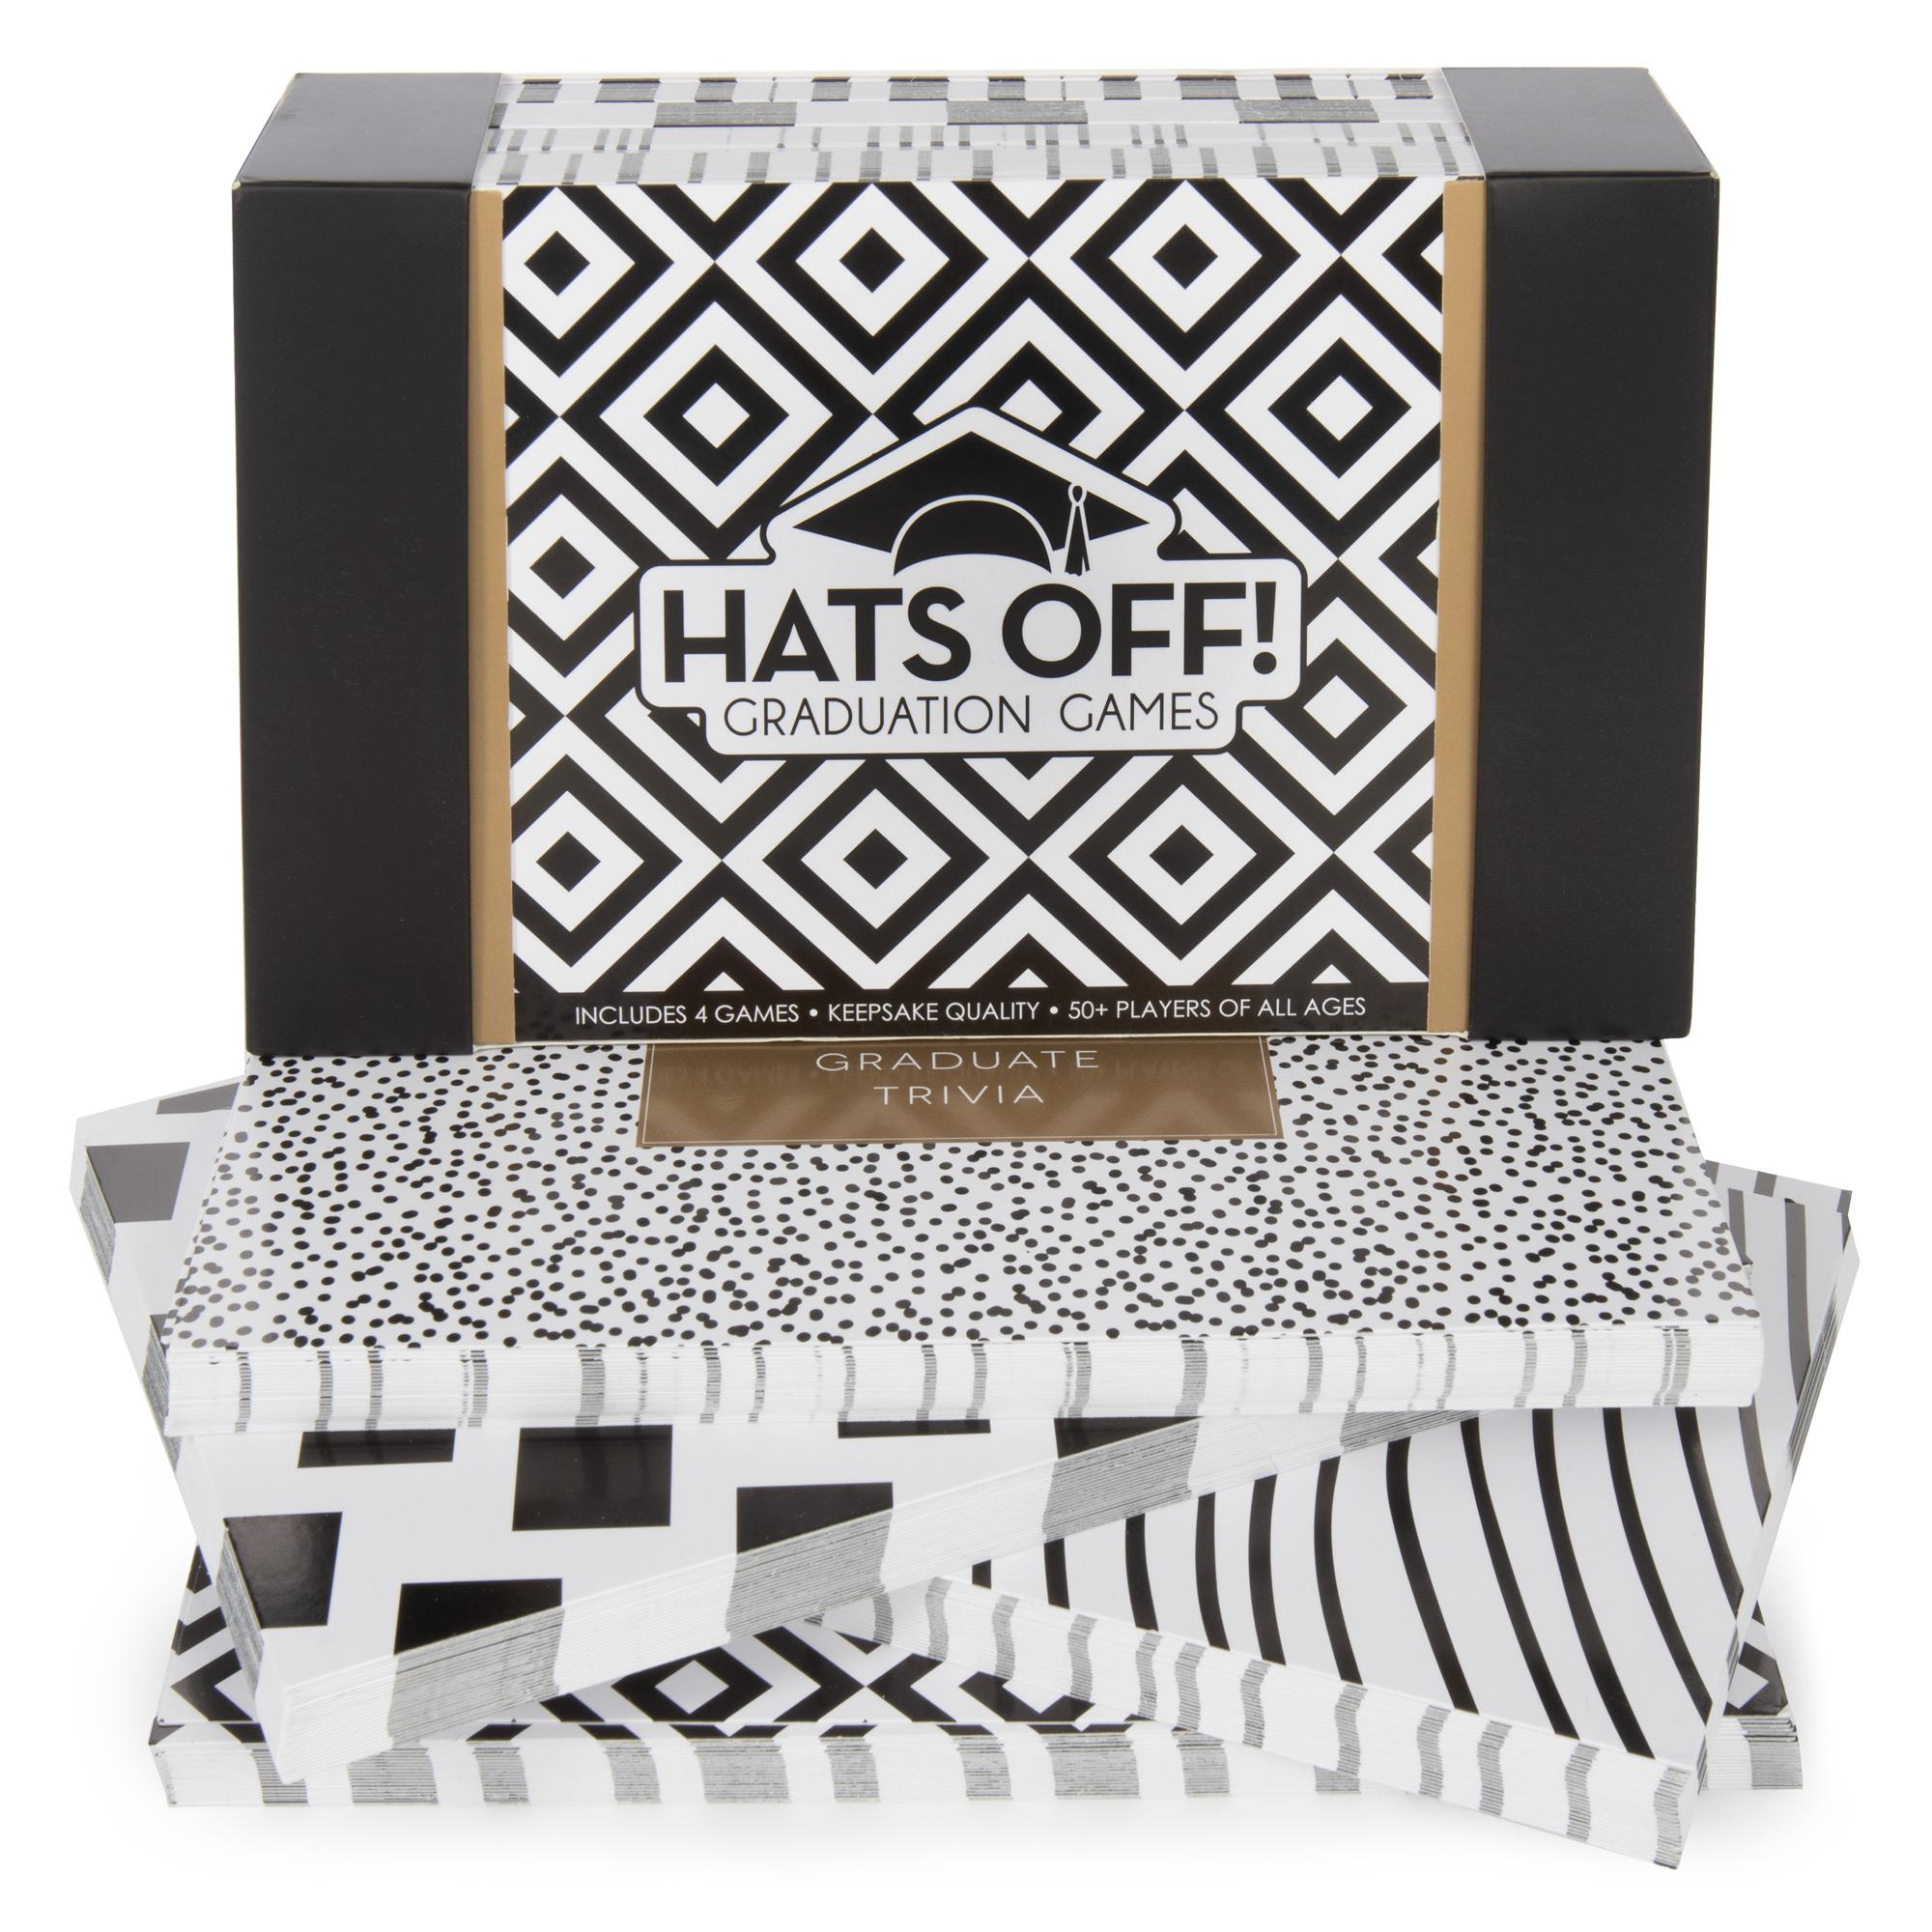 Hats Off! Graduation Games